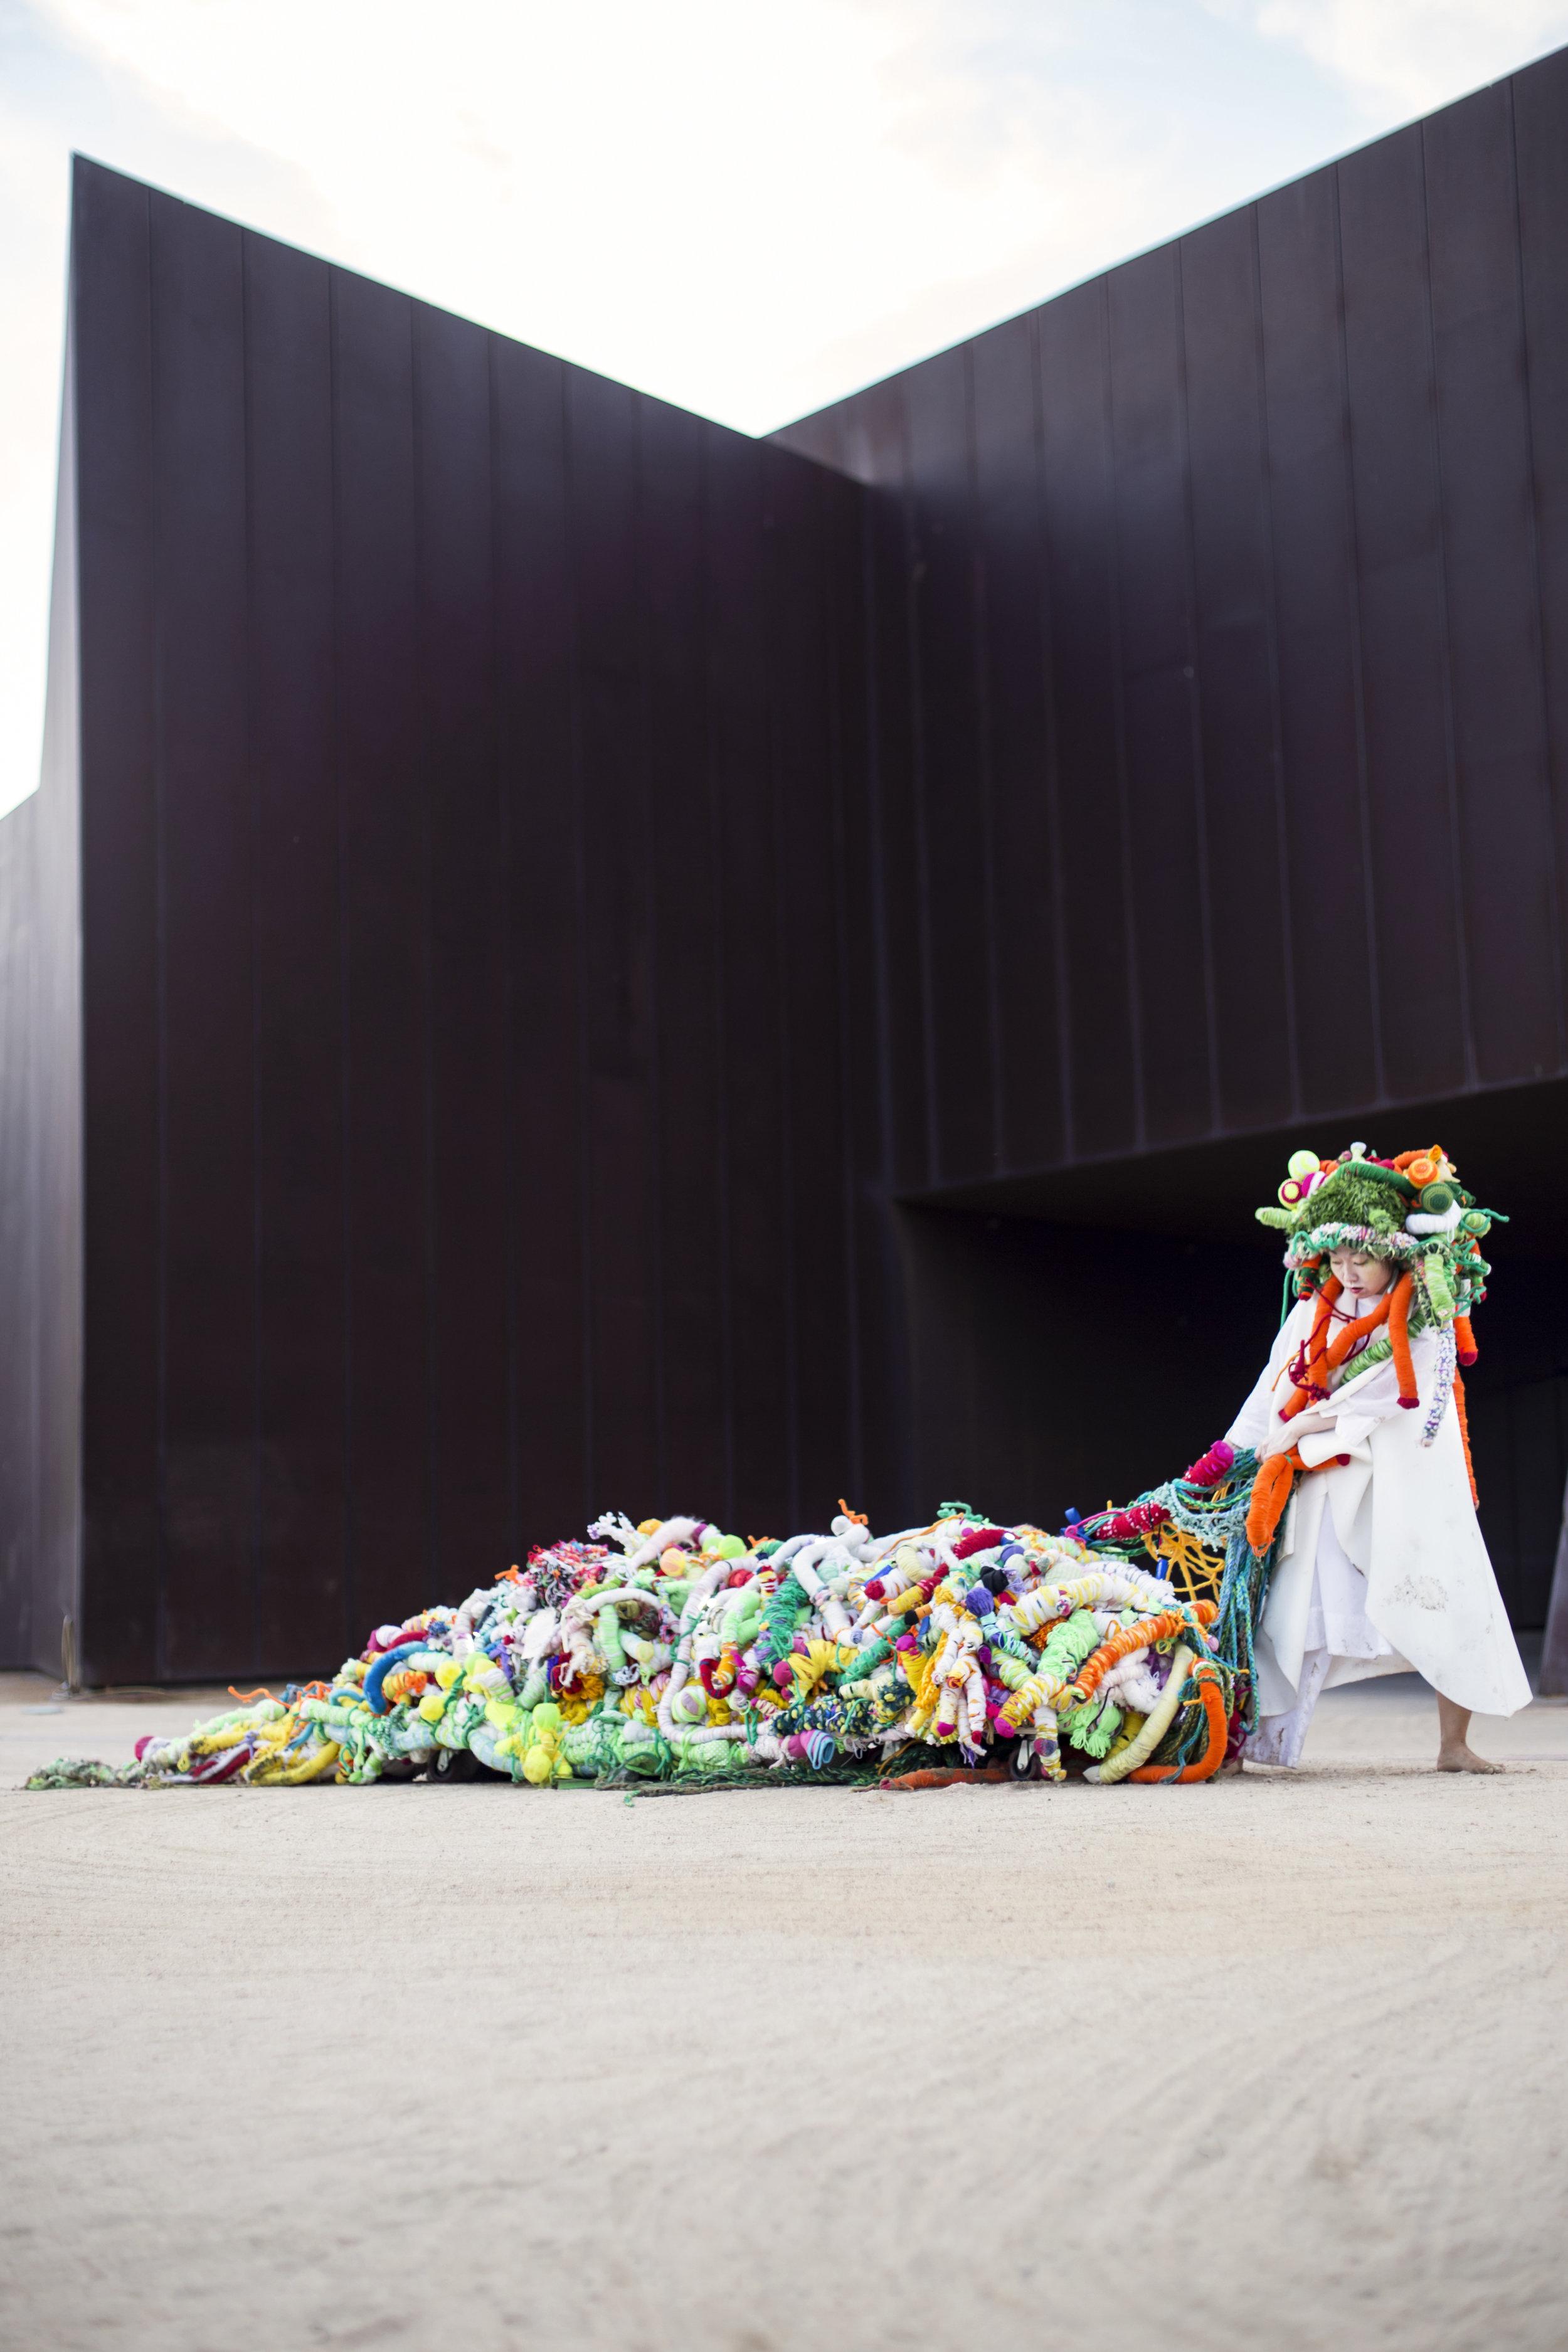 艺术家Hiromi Tango 作品《Lizard Tail (Dawn)》